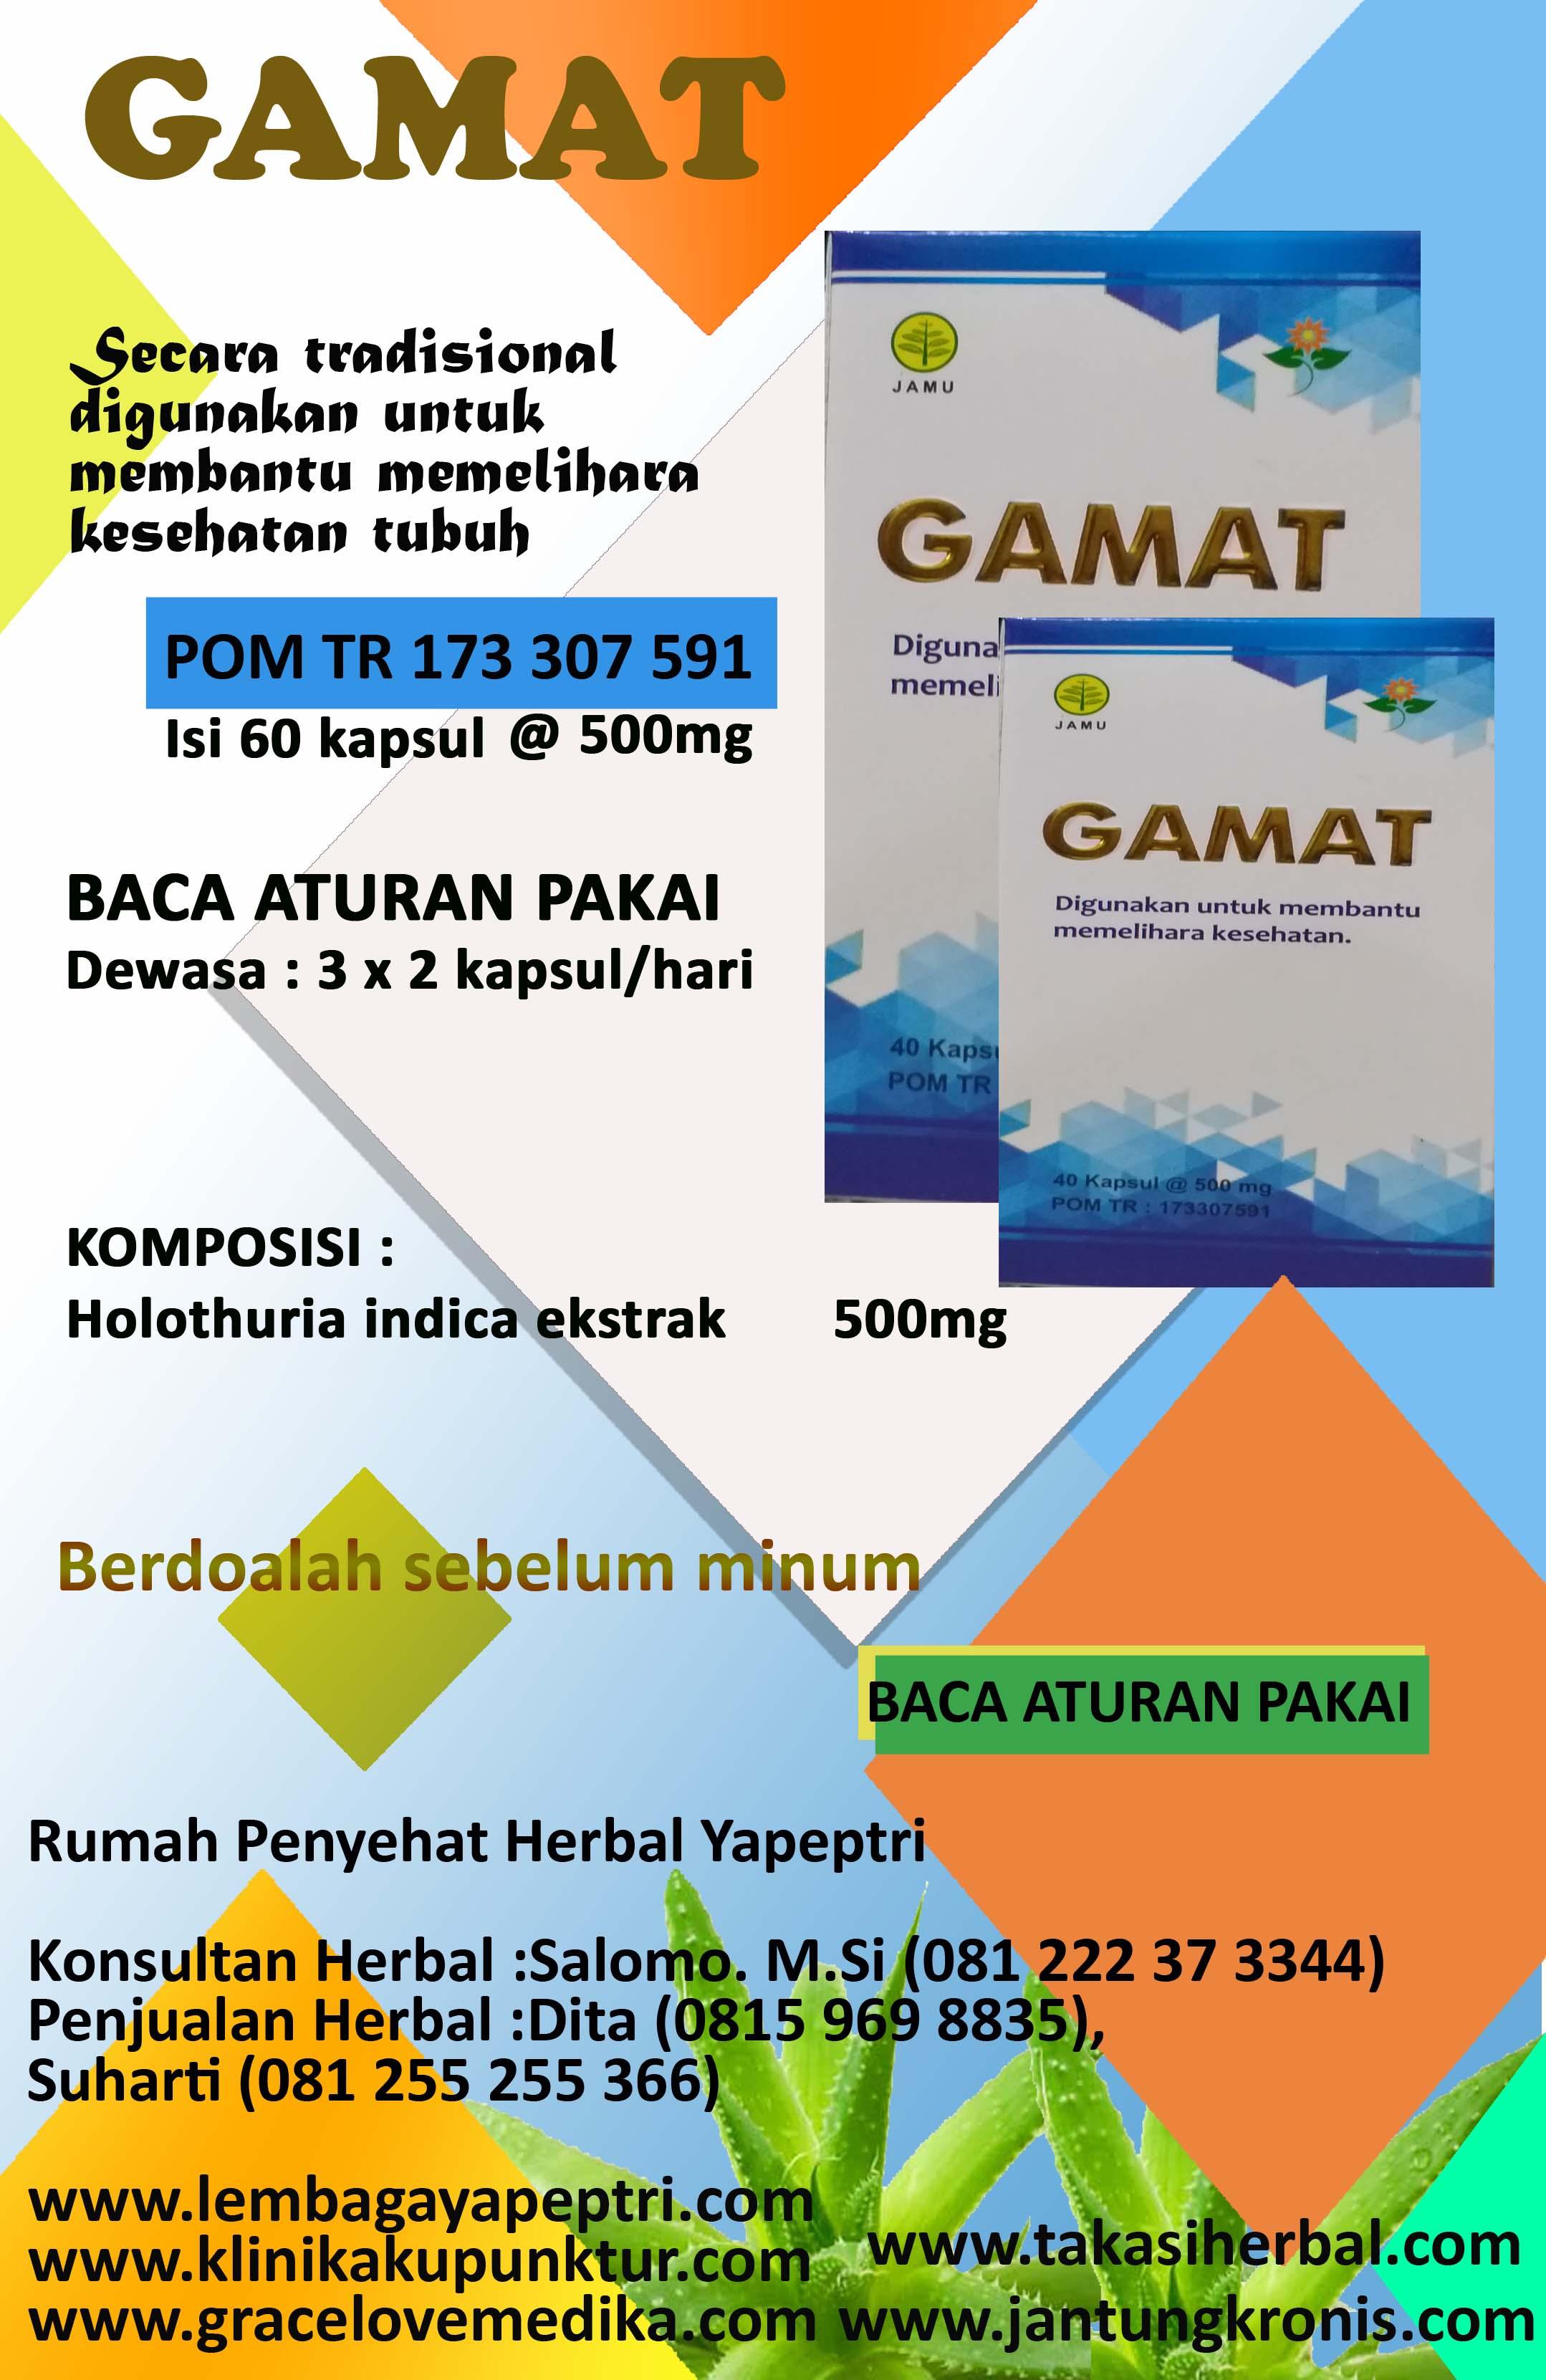 HERBAL GAMAT Digunakan untuk membantu memelihara kesehatan tubuh